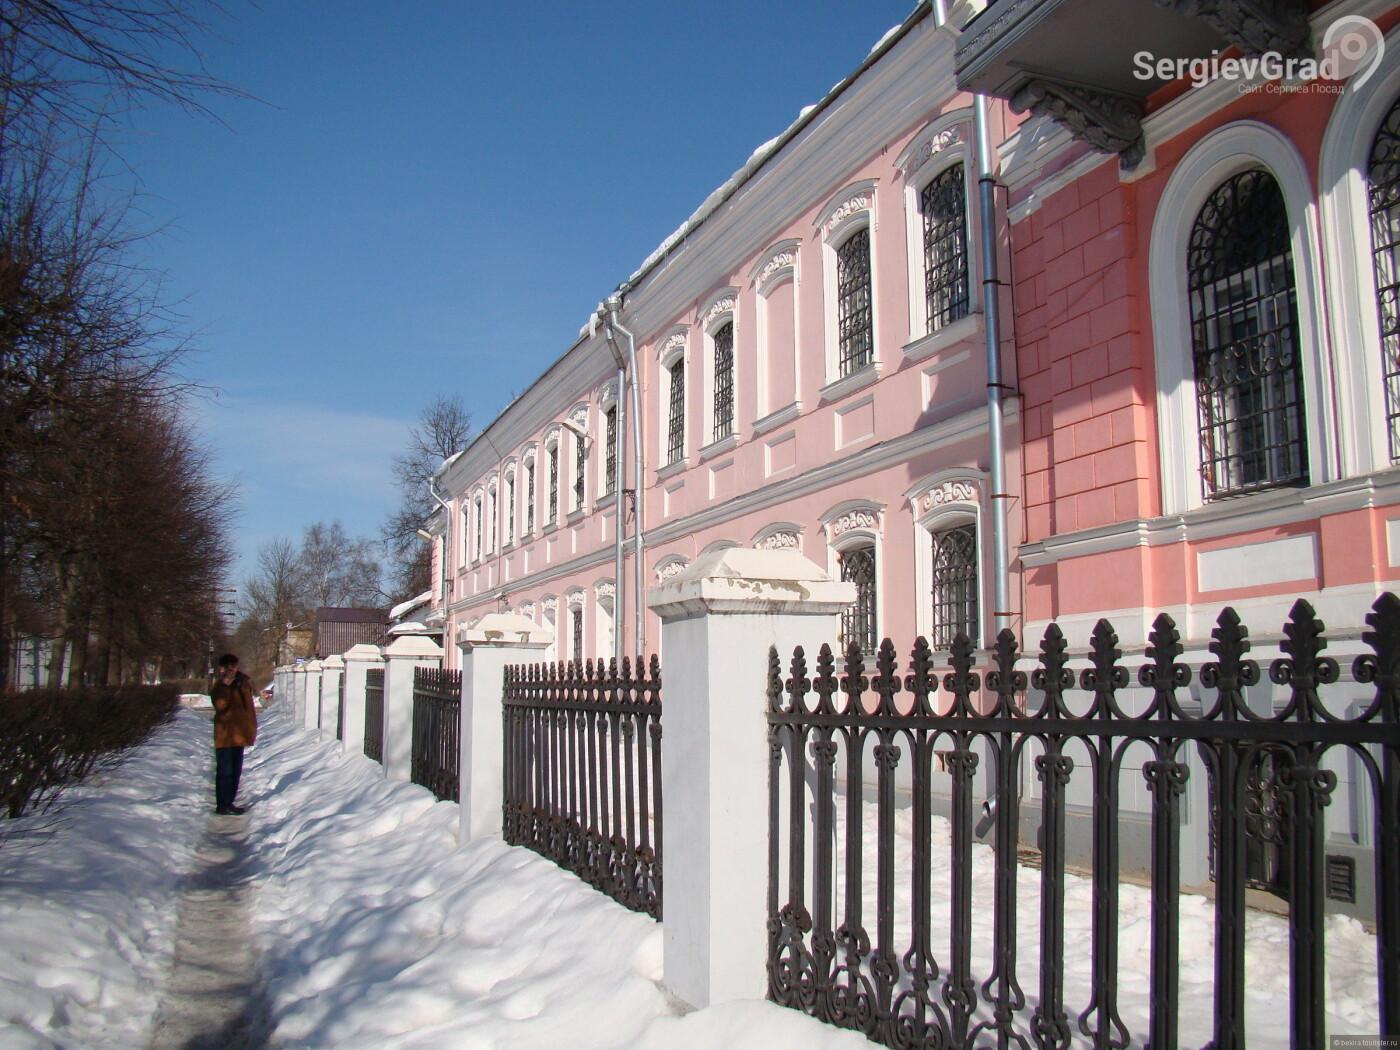 Серпуховский музей представит премьеру мобильного спектакля «Жизнь на двоих» 12 февраля